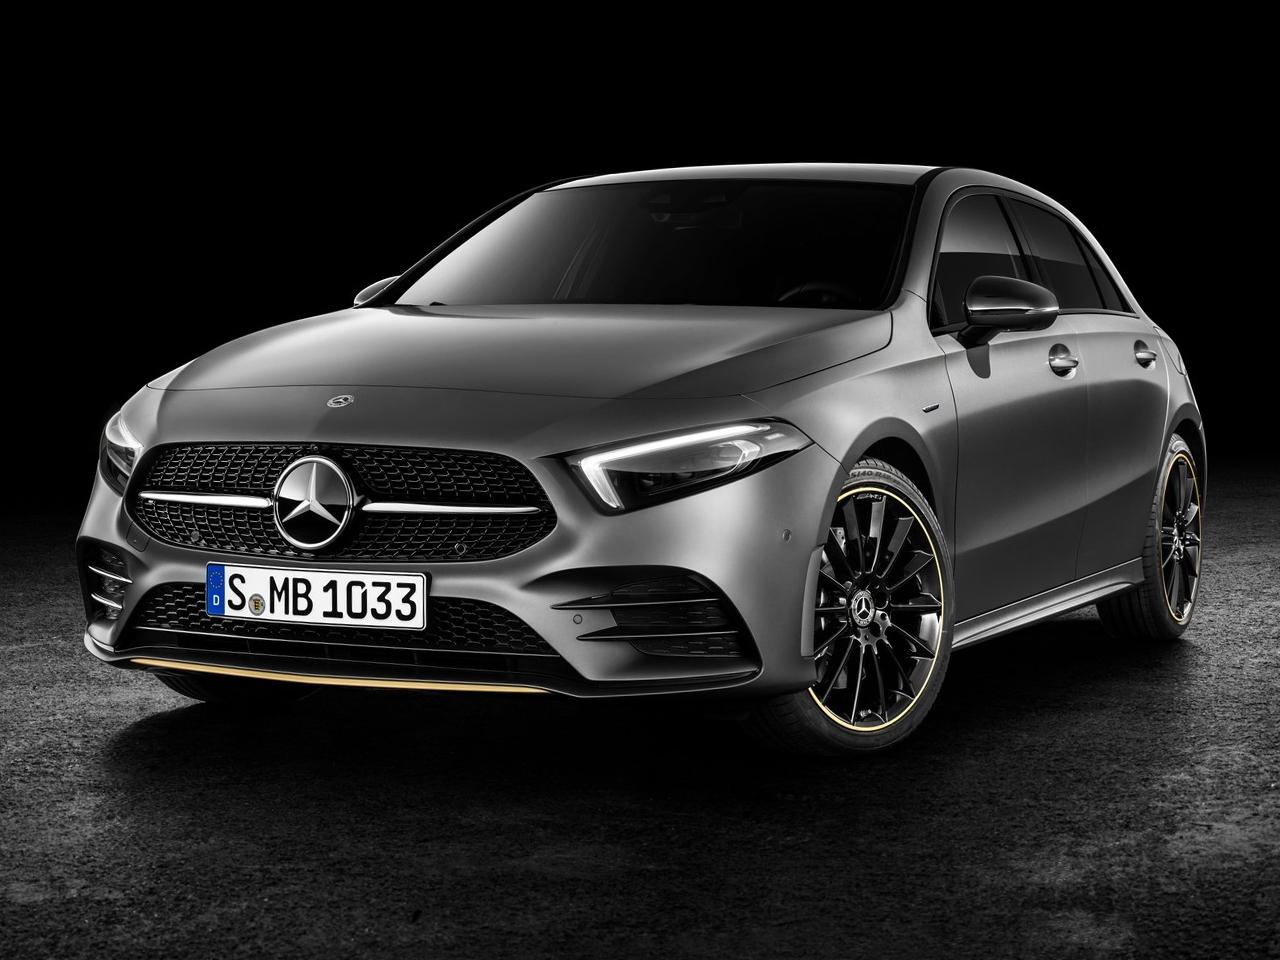 He probado el nuevo Mercedes Clase A 200, cuatro razones para comprar y una para pensar